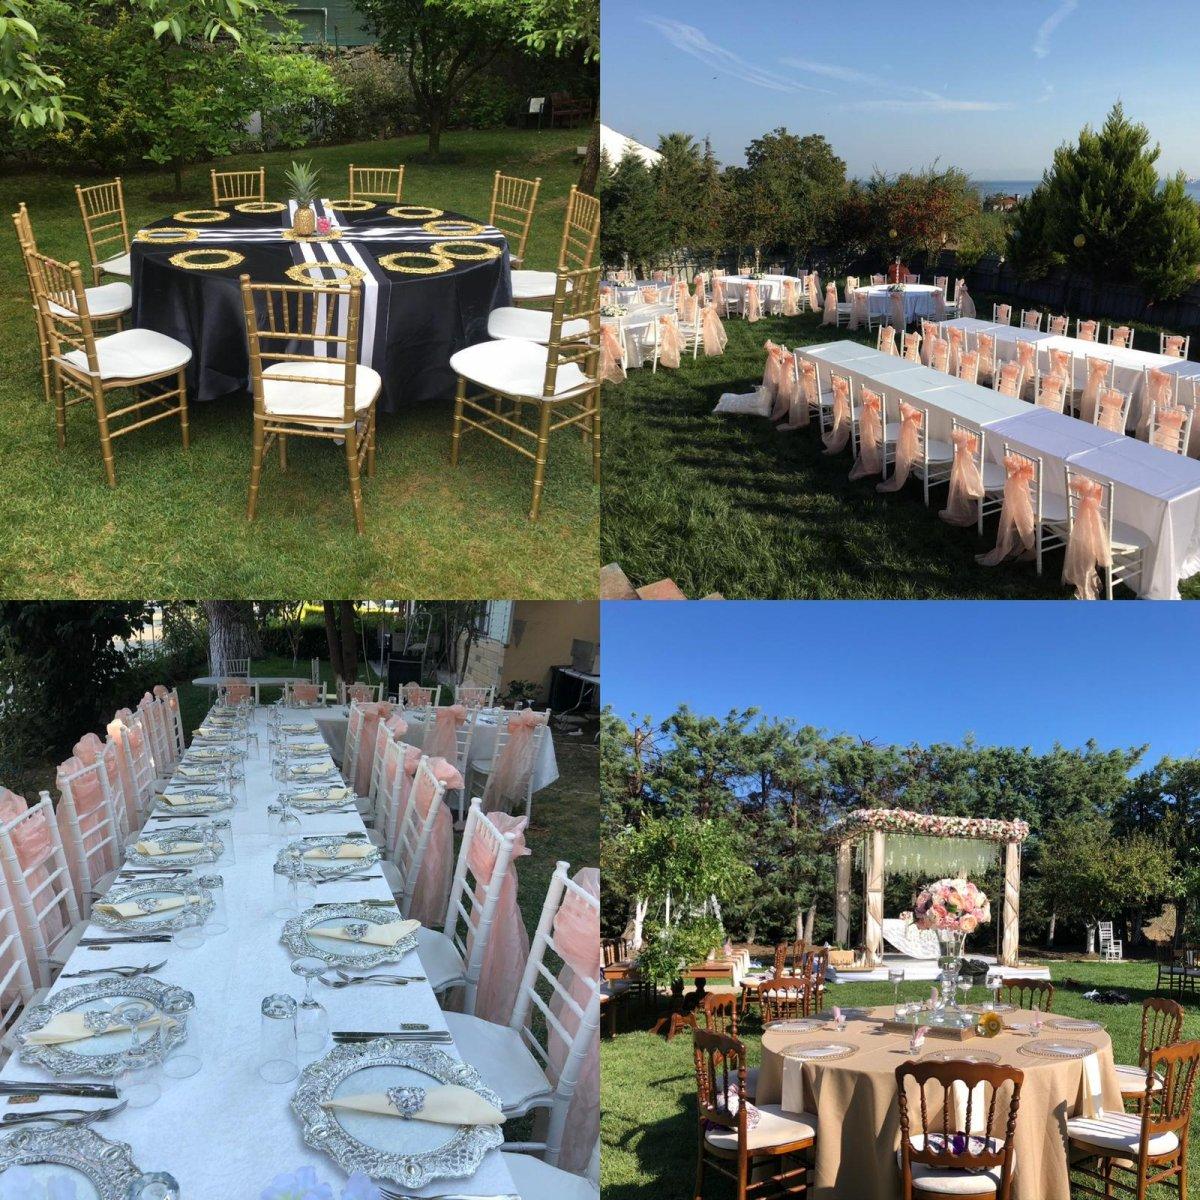 Nişan için sandalye ve masa kiralama